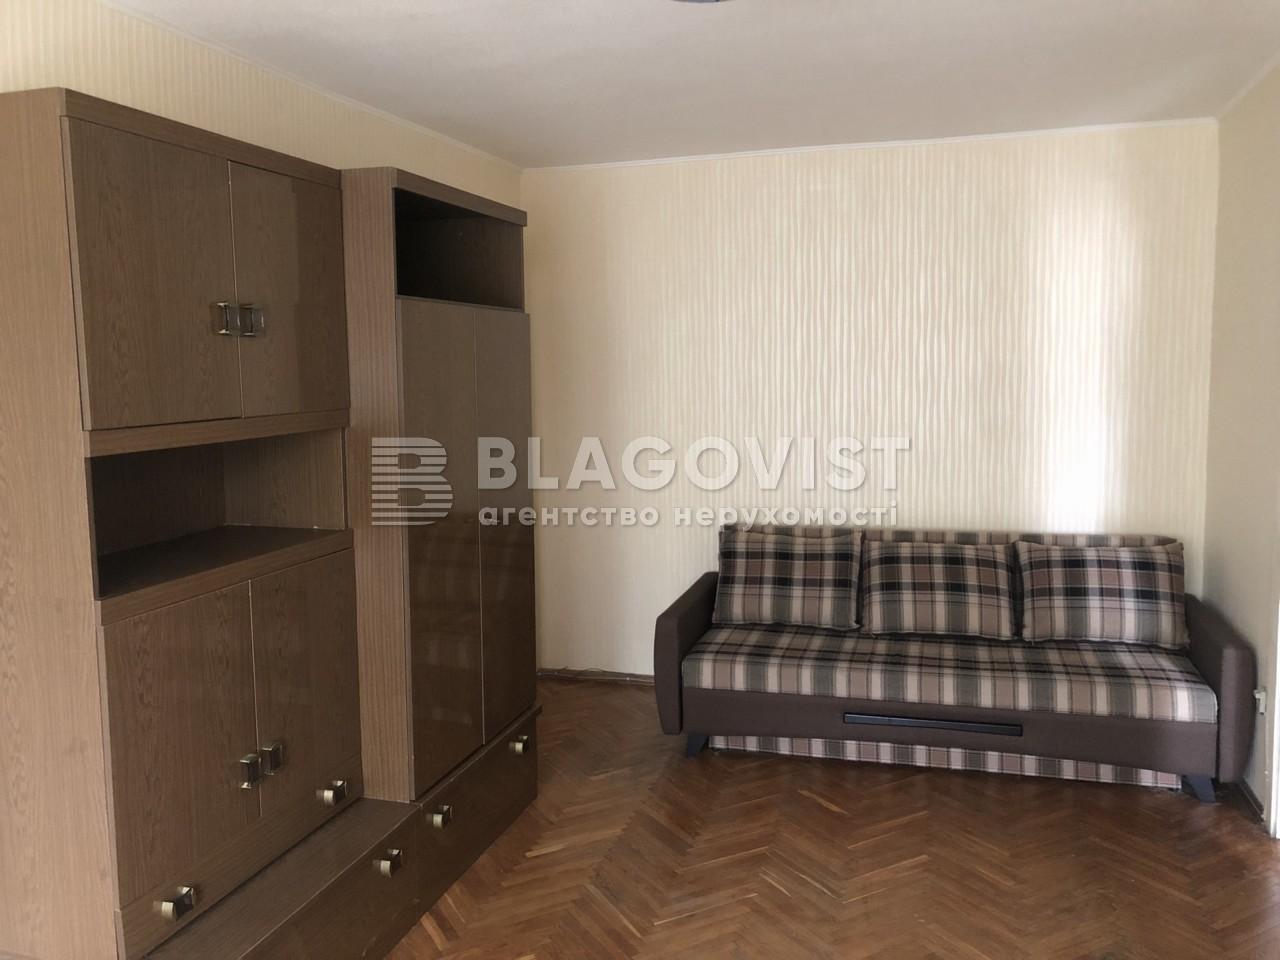 Квартира R-25542, Телиги Елены, 7а, Киев - Фото 4